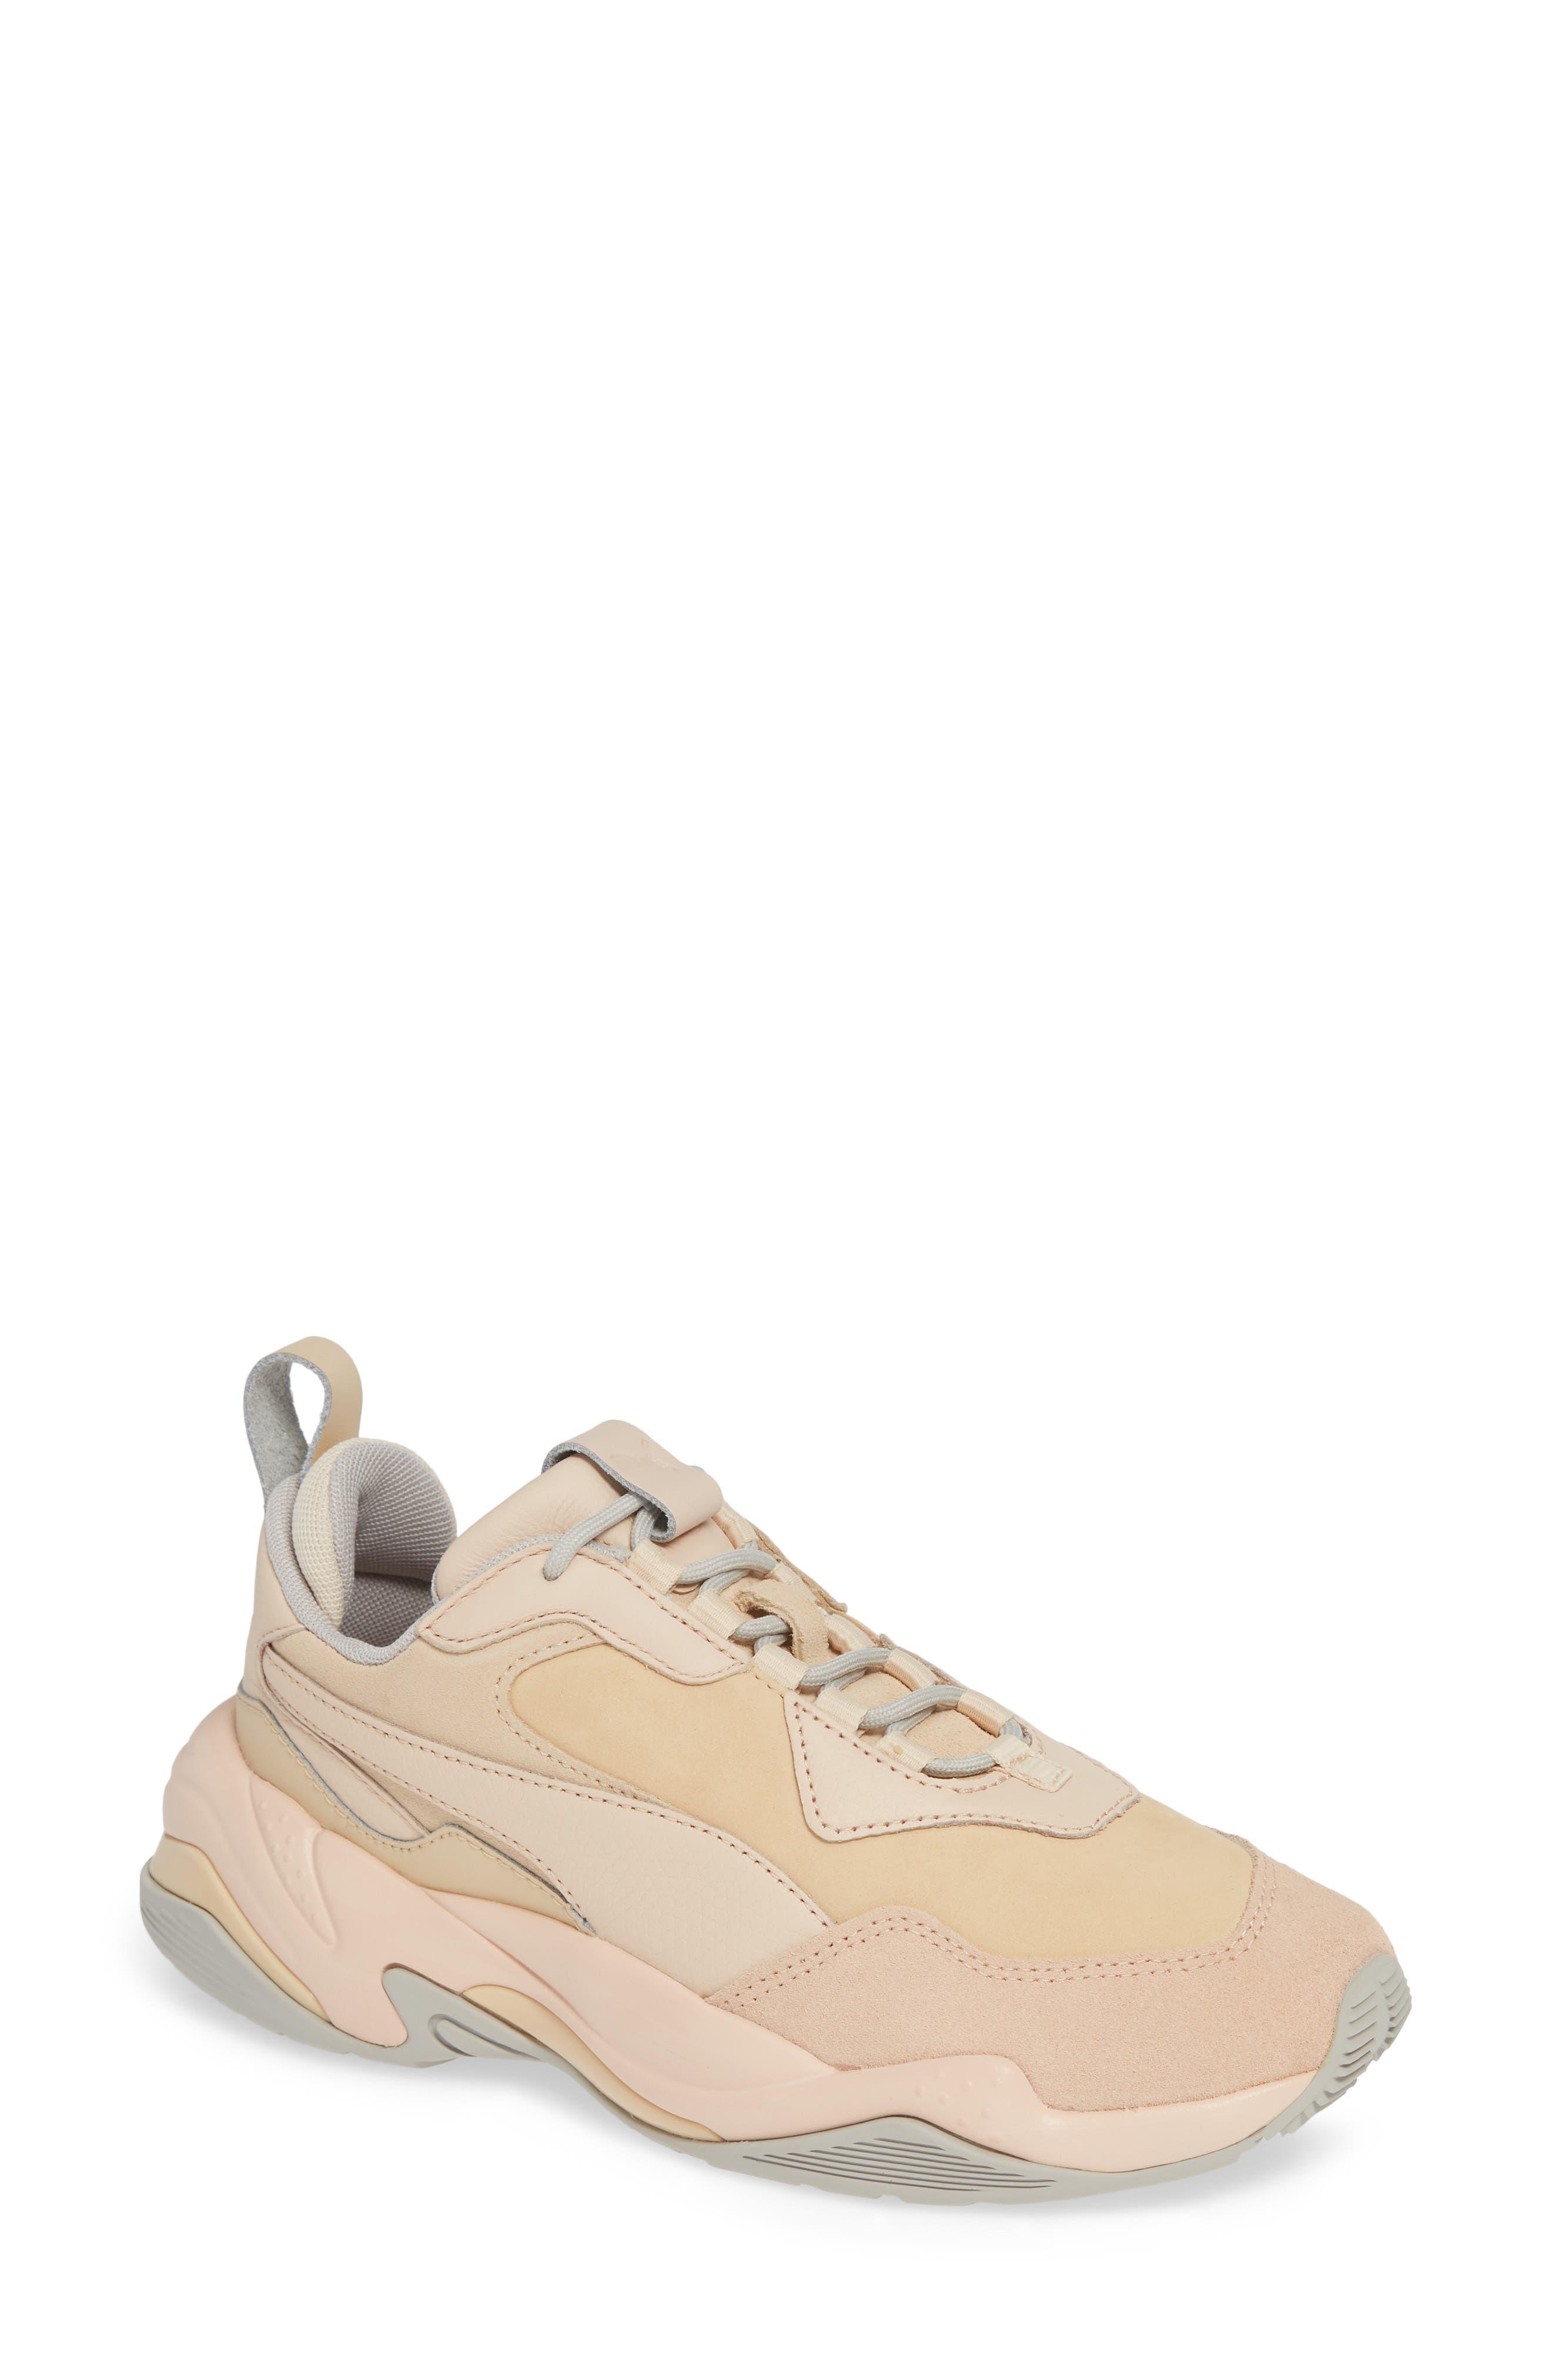 Thunder Desert Sneaker,                         Main,                         color, NATURAL VACHETTA/ CREAM TAN